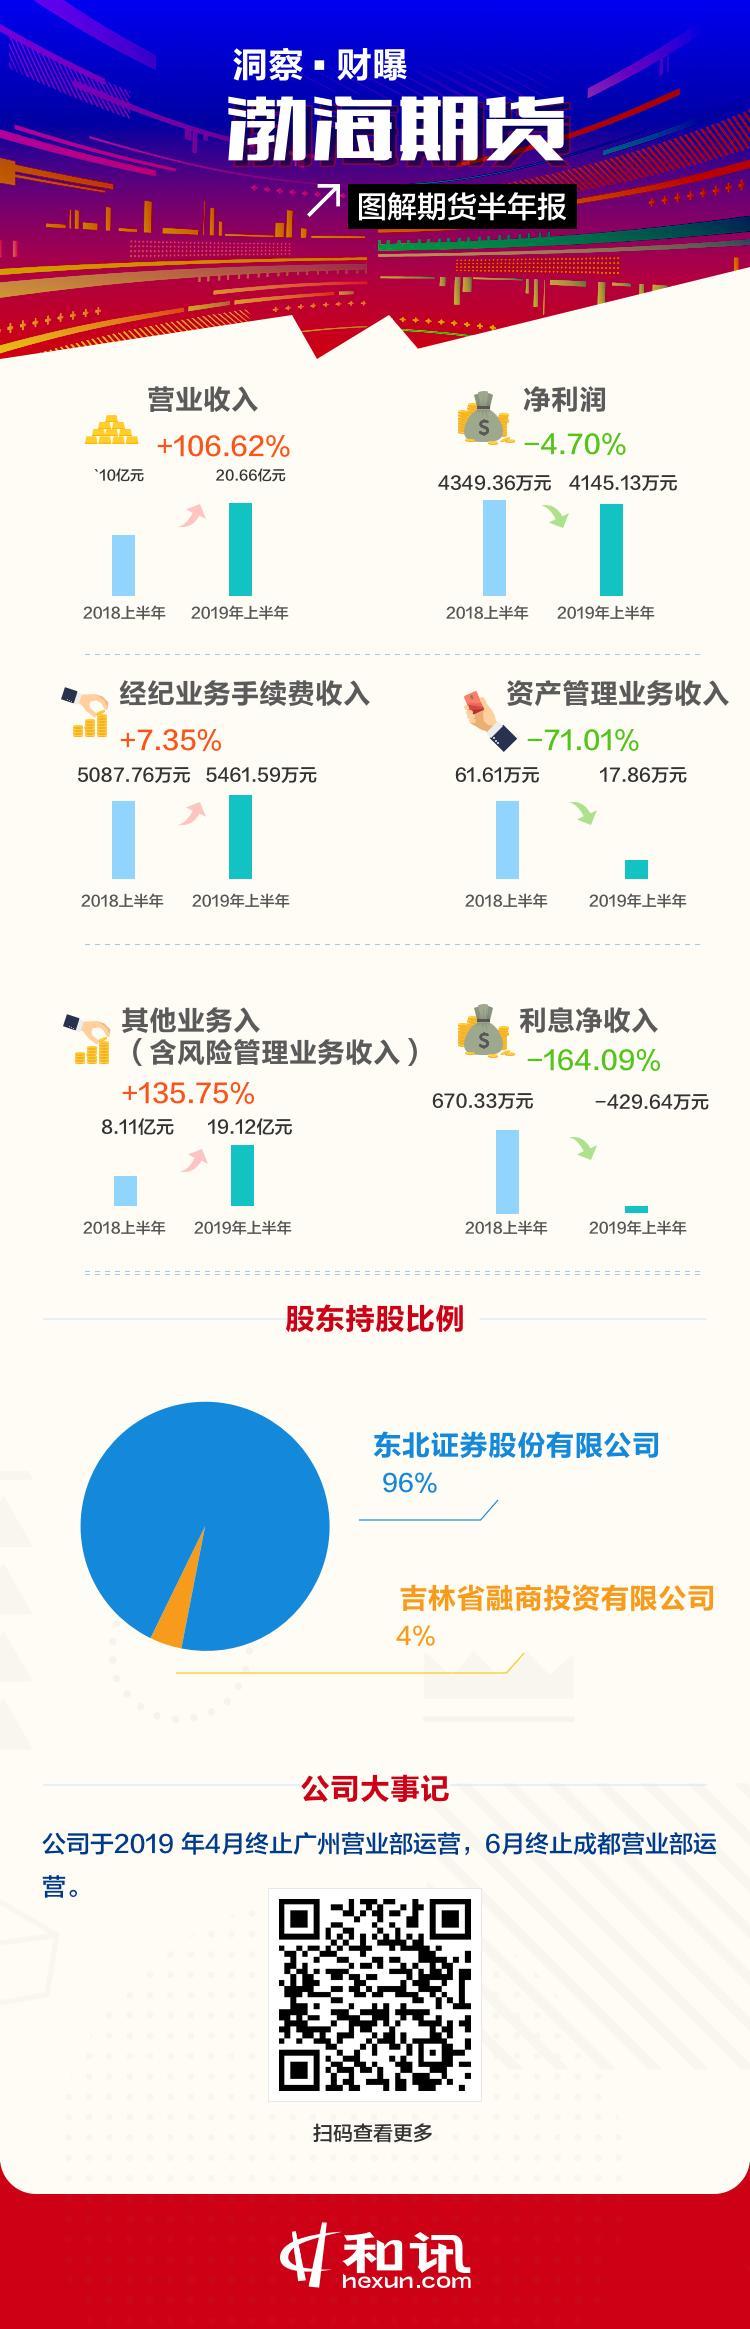 洞察财曝|渤海期货2019上半年净利润下滑4.70% 资产管理业务收入锐减71.01%